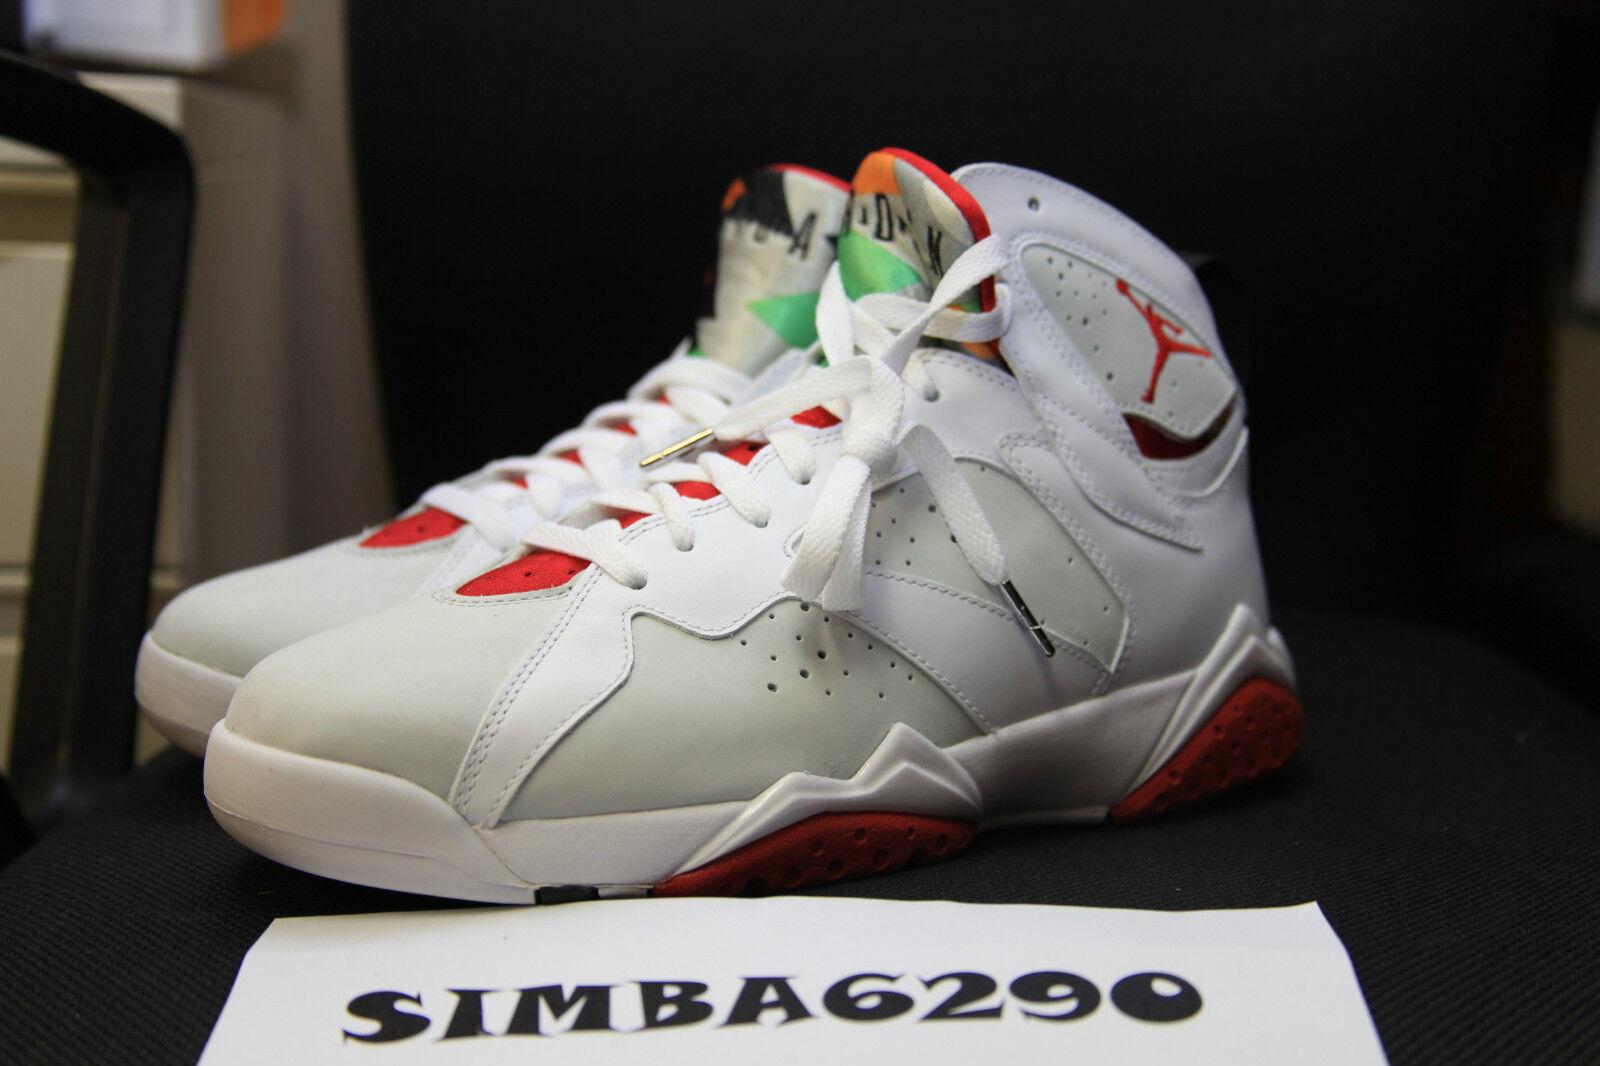 Nike Air Jordan CDP 7 16 VII XVI HARE not V VI X DMP xi xii iii iv DS bugs bunny